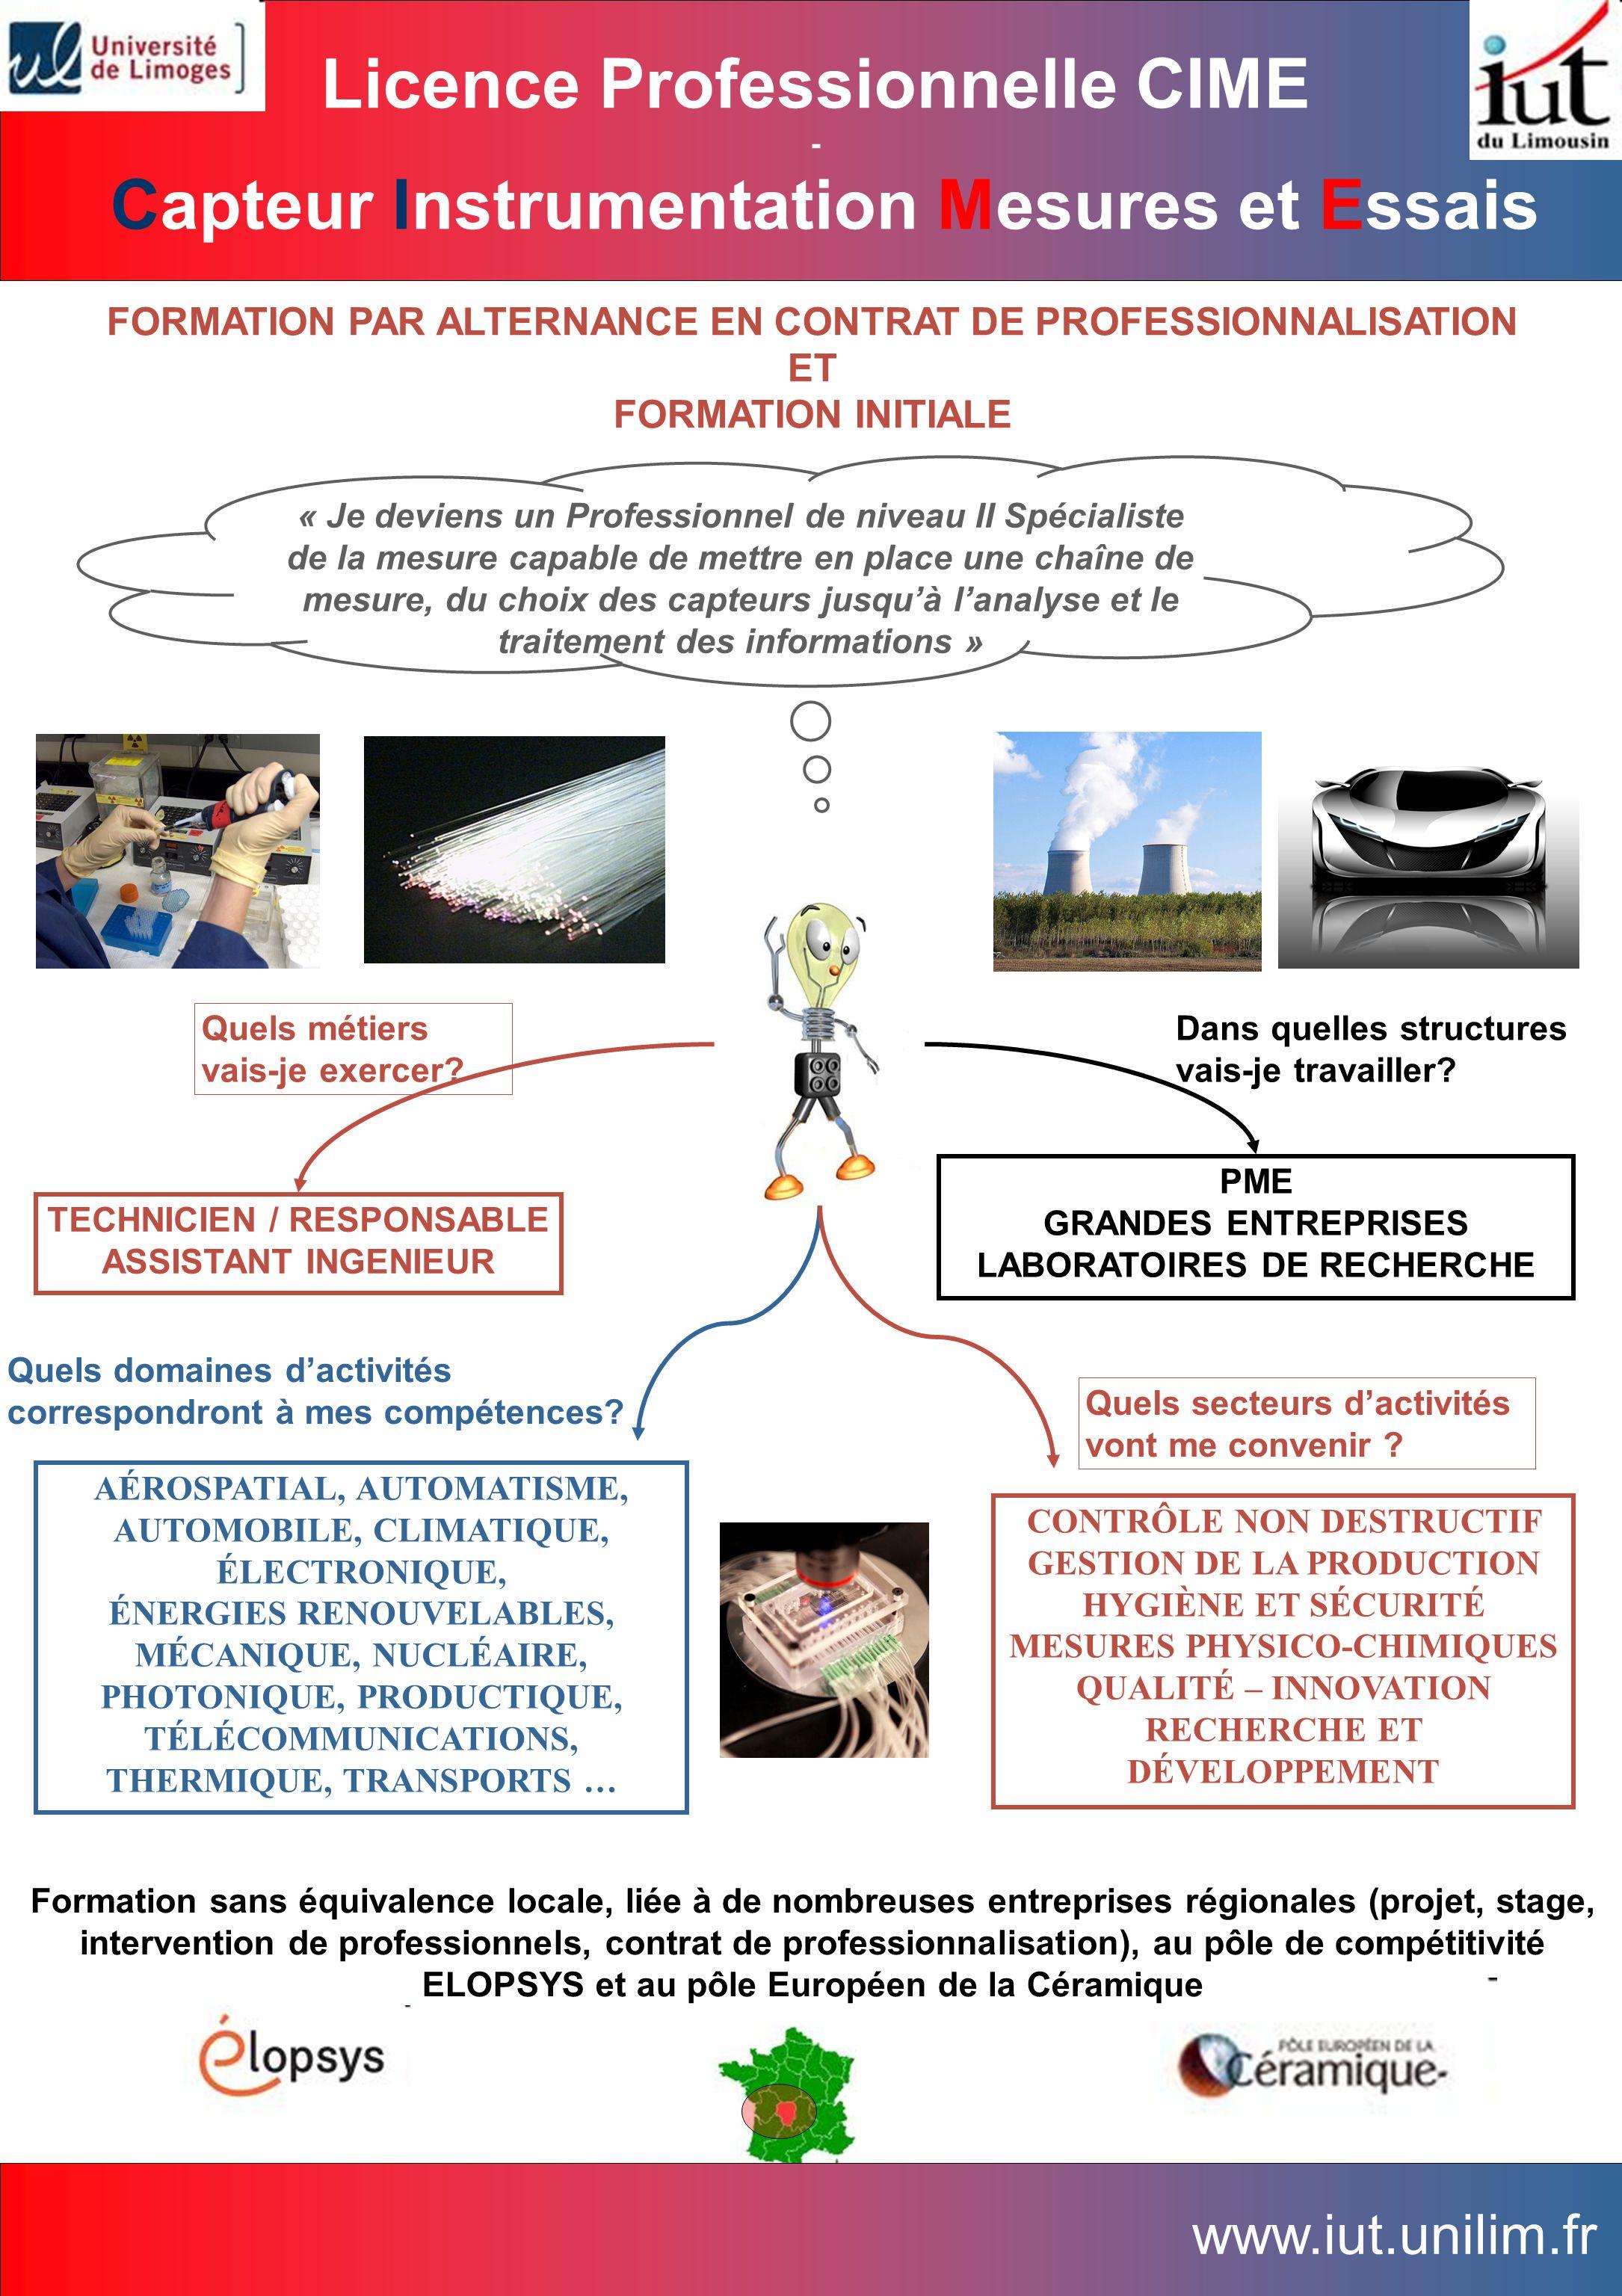 FORMATION PAR ALTERNANCE EN CONTRAT DE PROFESSIONNALISATION ET FORMATION INITIALE « Je deviens un Professionnel de niveau II Spécialiste de la mesure